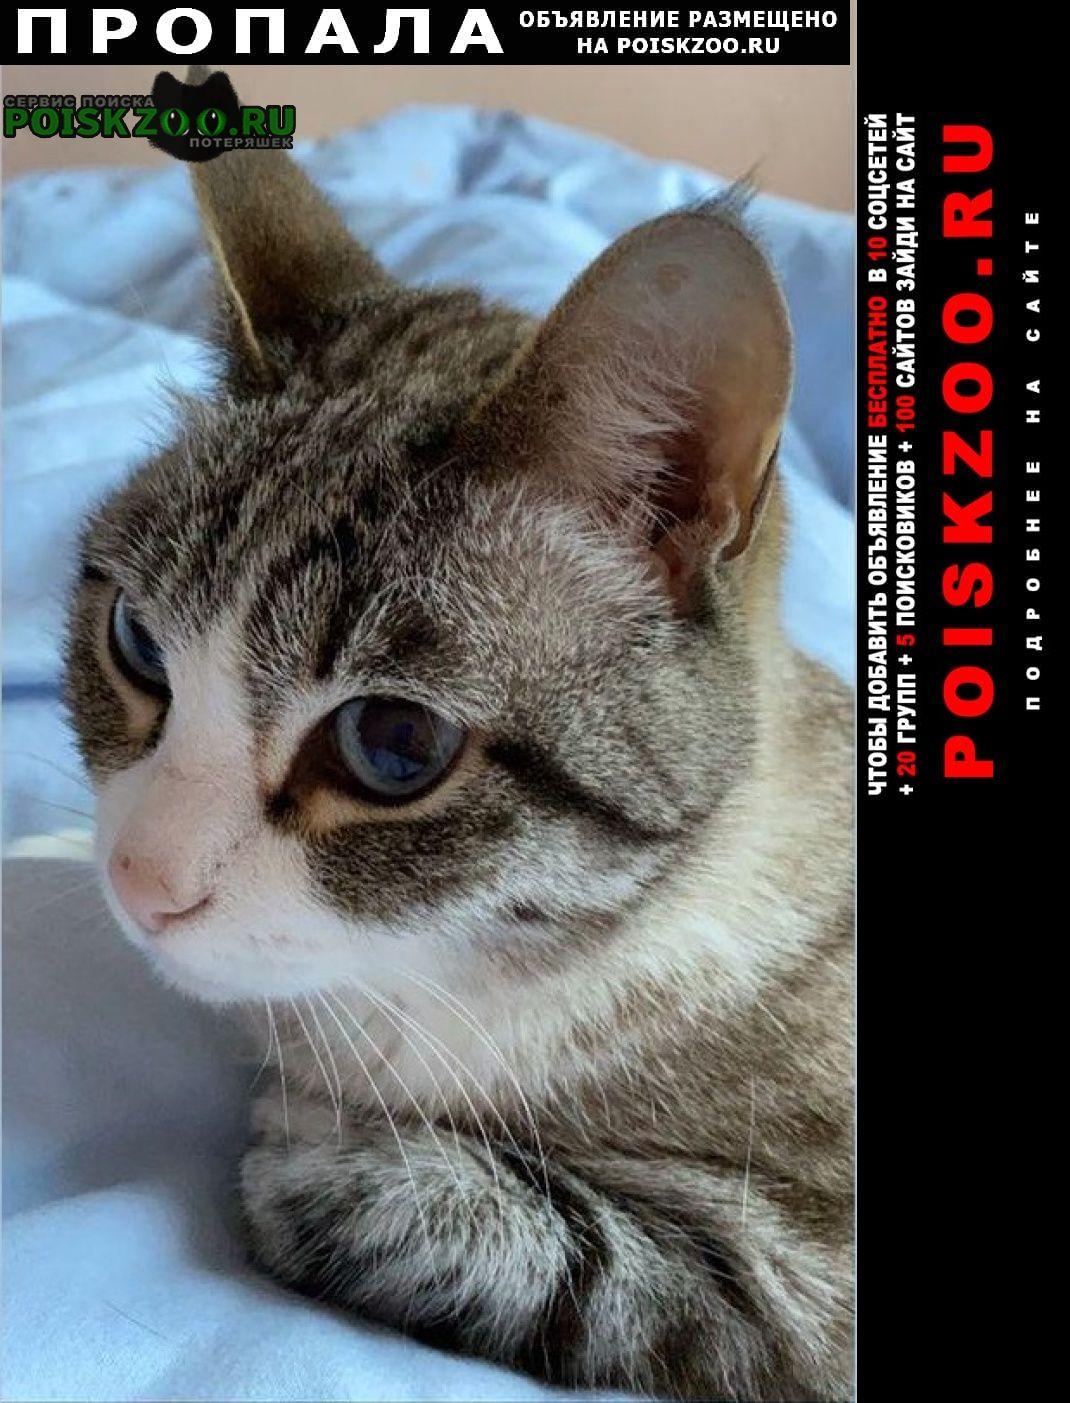 Пропала кошка серая сиамская с голубыми глазами Москва